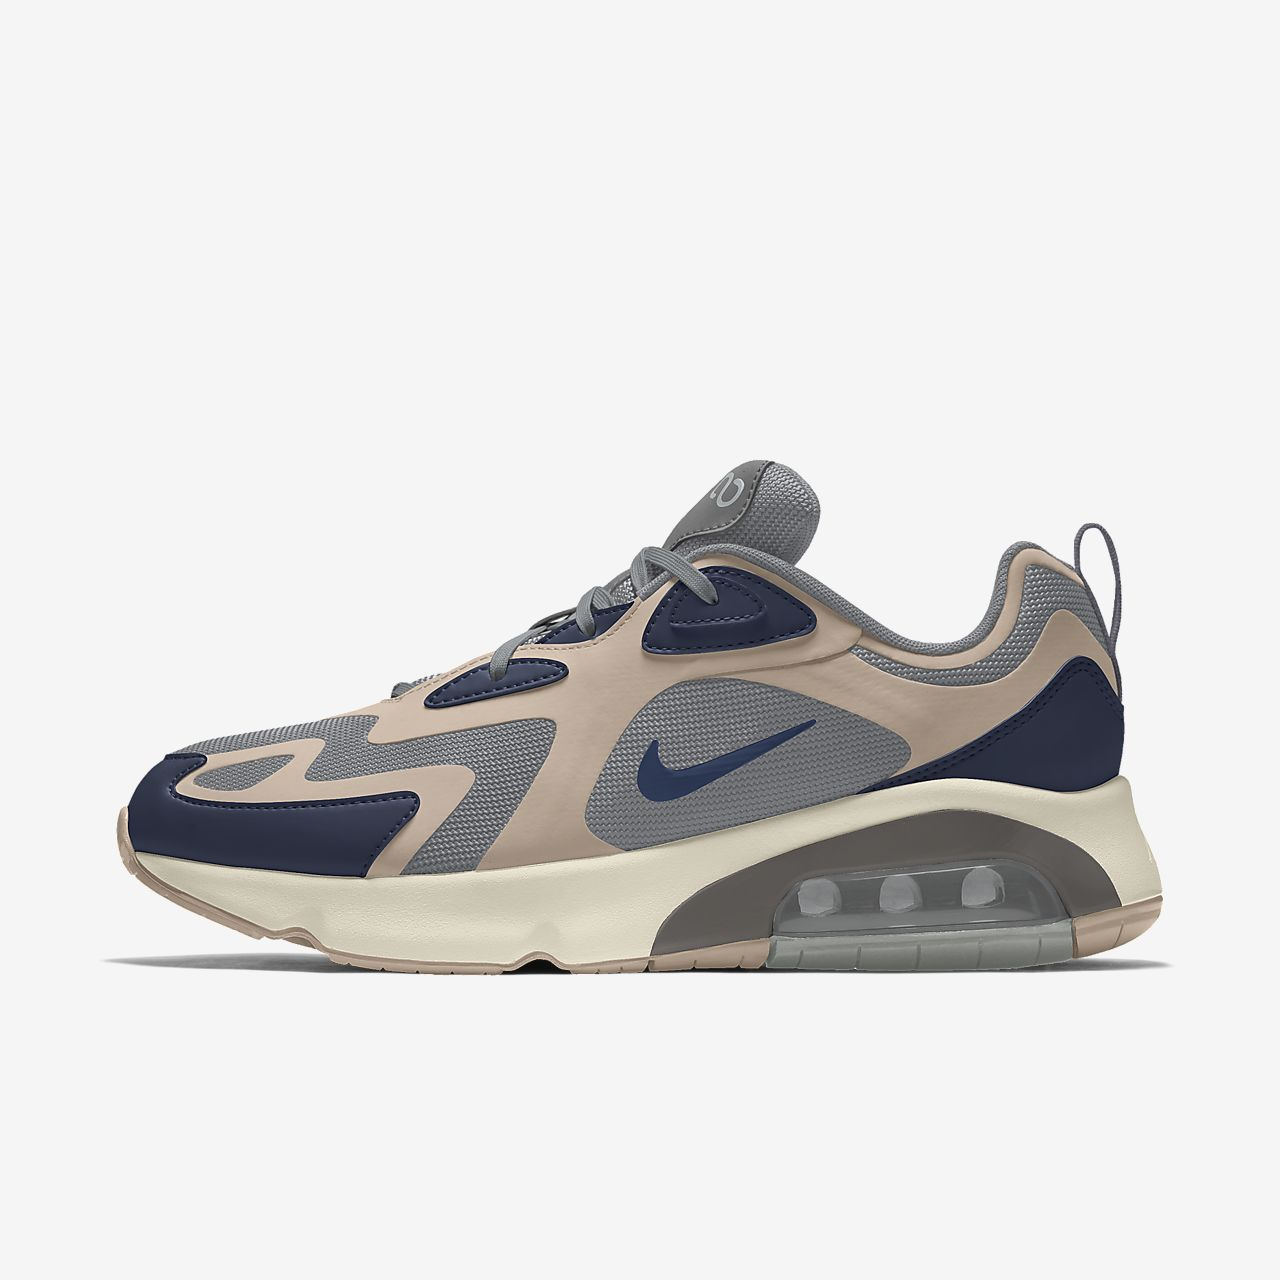 Calzado para mujer personalizado Nike Air Max 200 By You